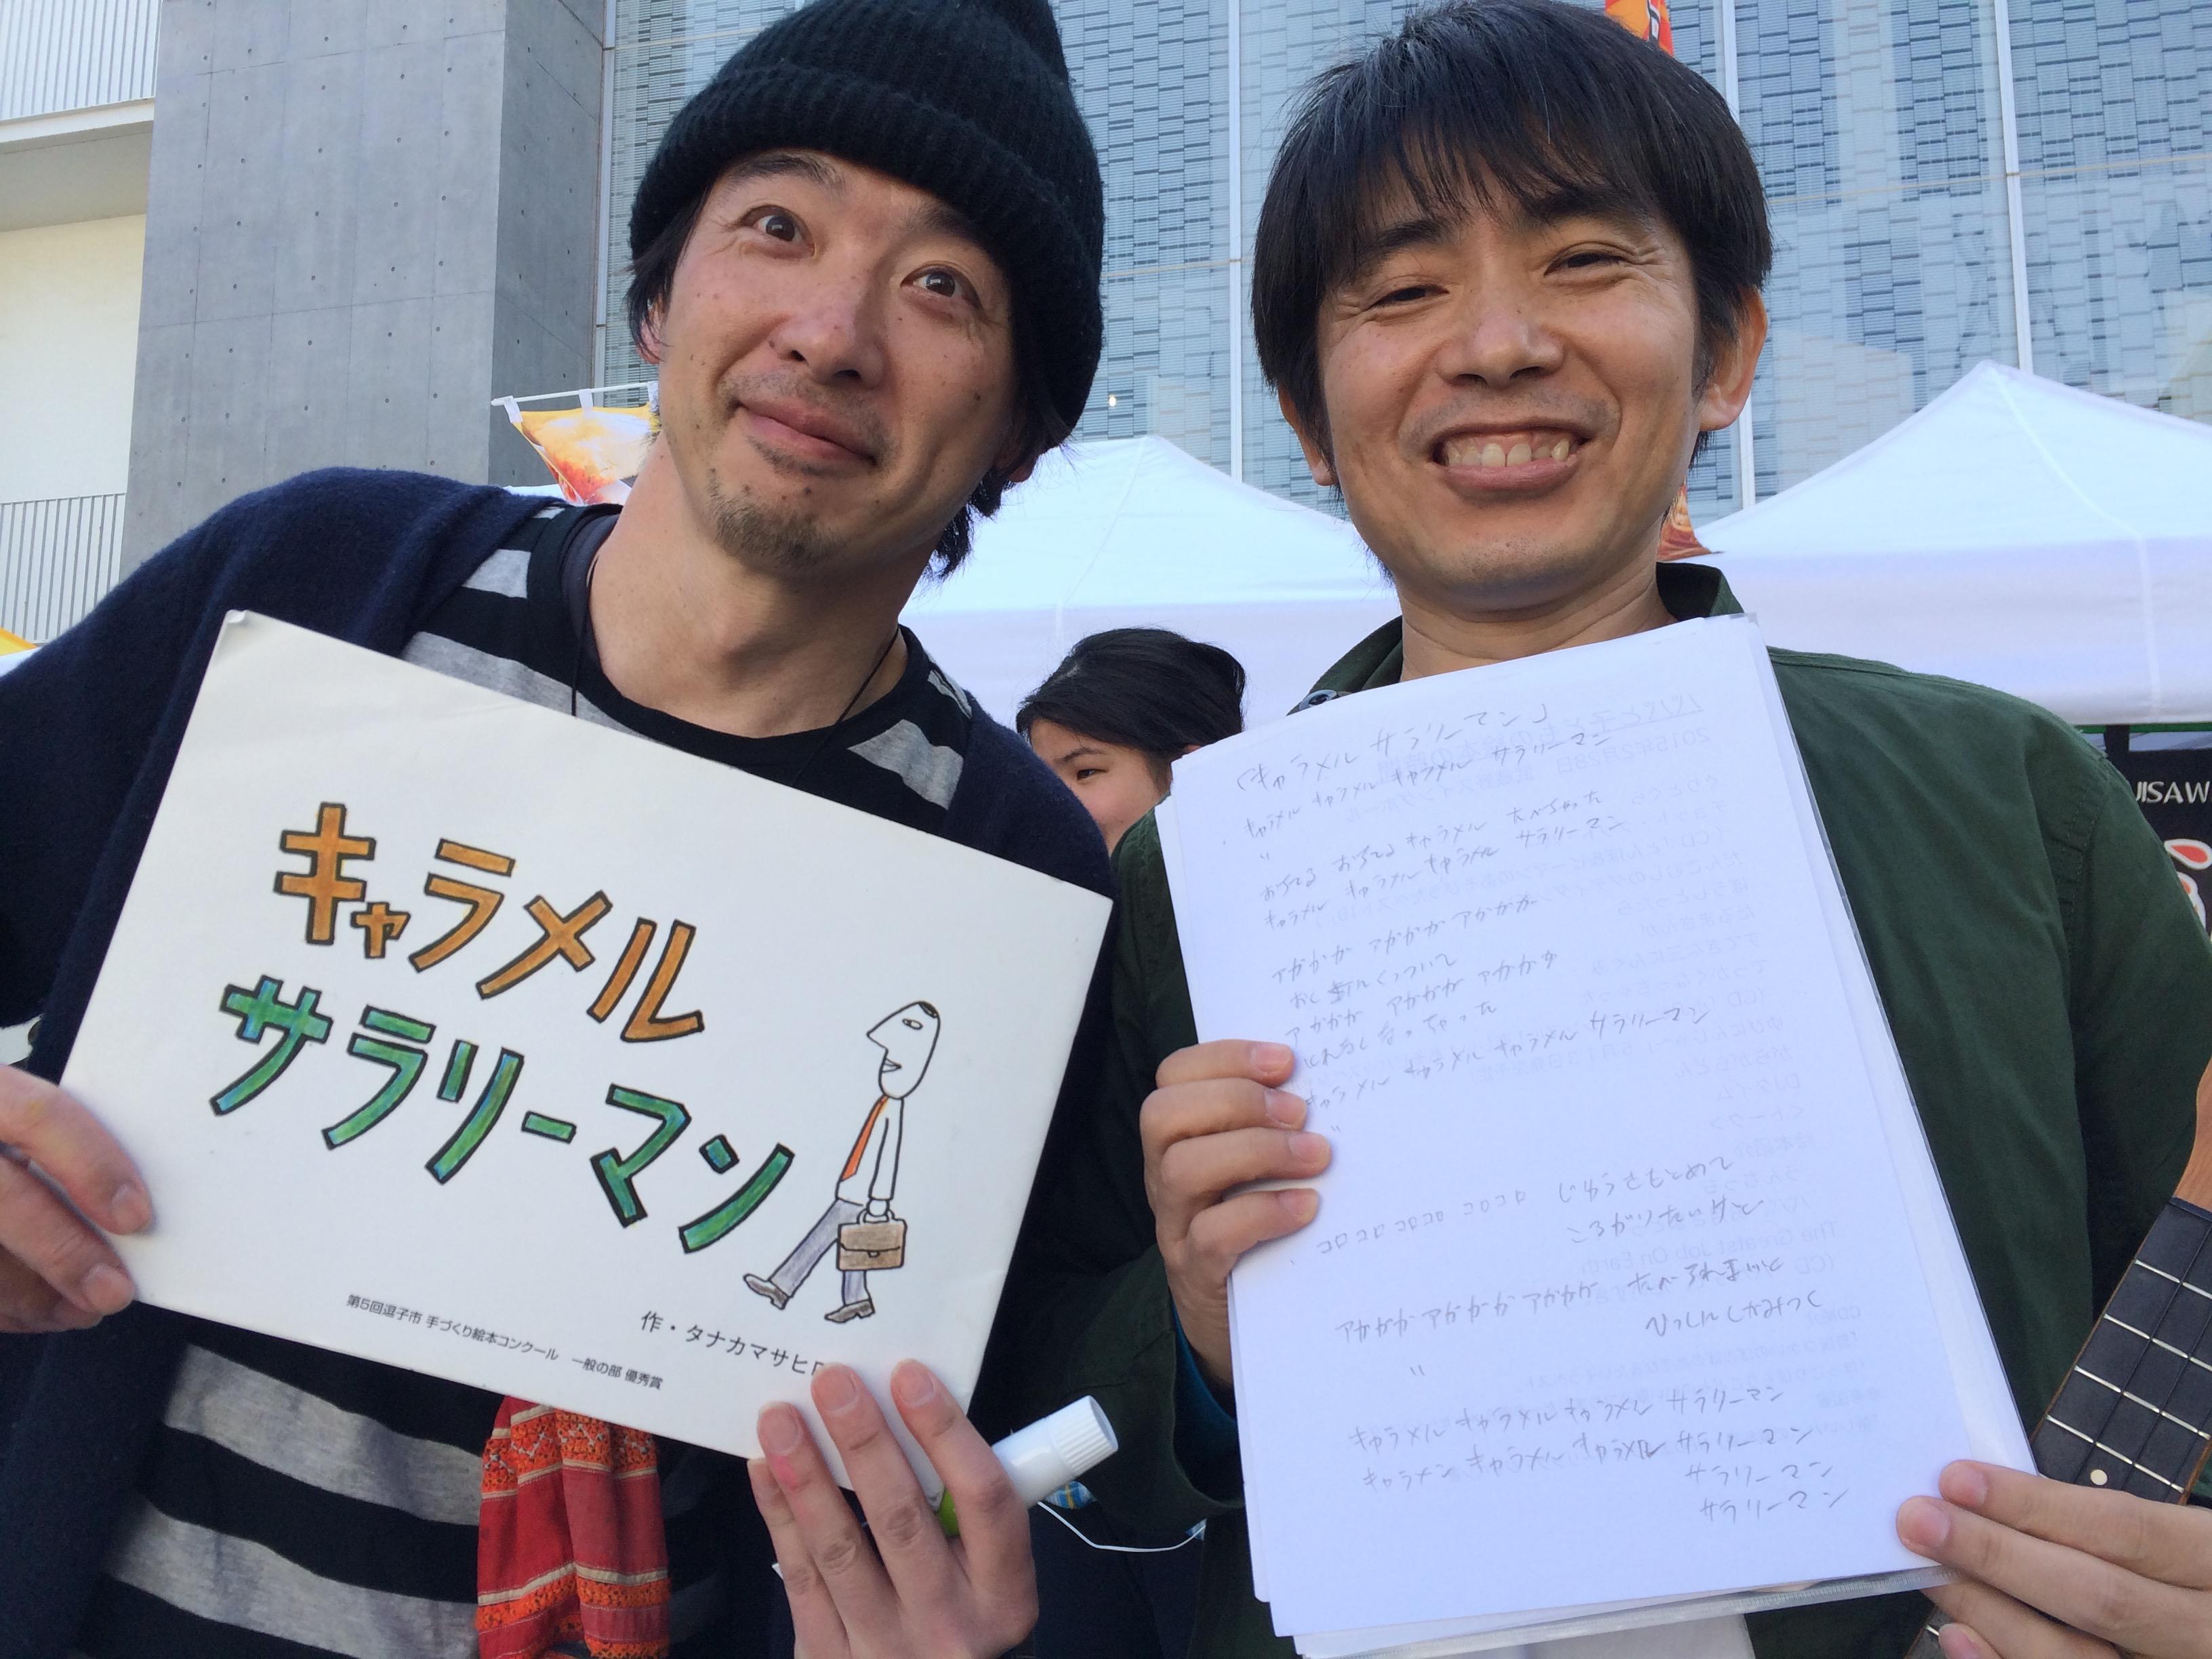 ♪にしむらなおと♪ハートフル絵本うたライブ〜西村さん15回目の逗子ライブ〜晴れ伝説の更新なるか!?